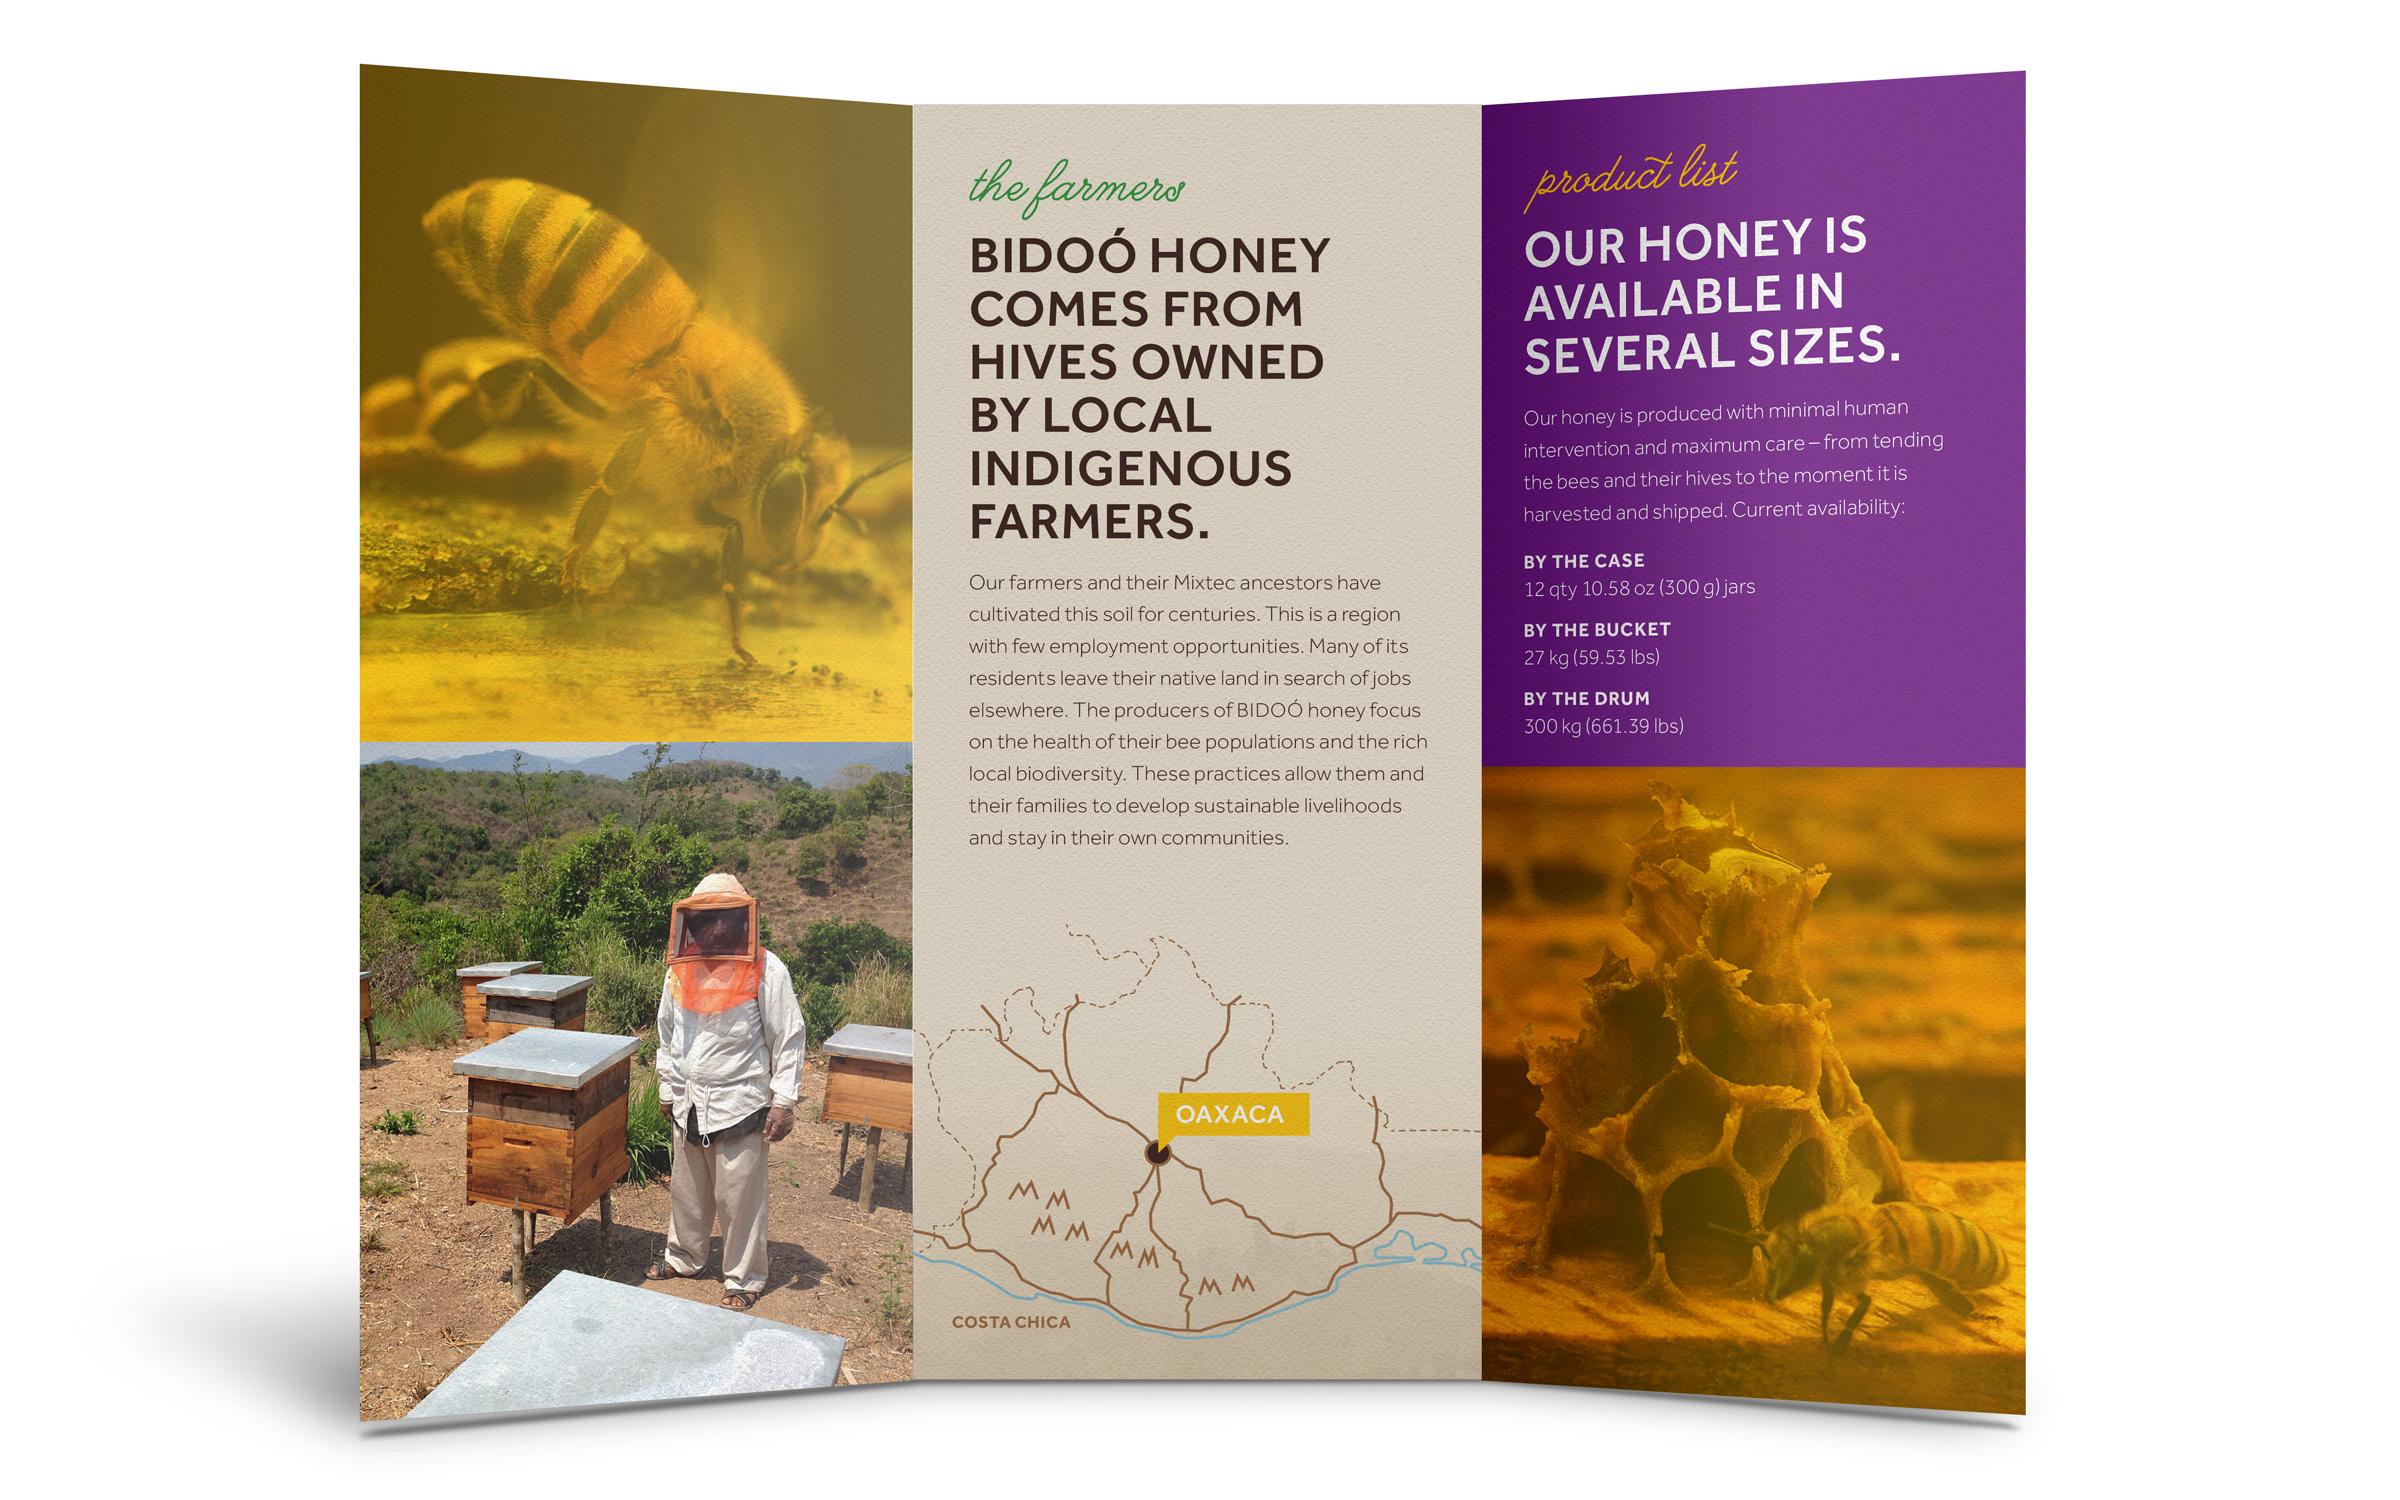 Bidoo Honey product brochure inside